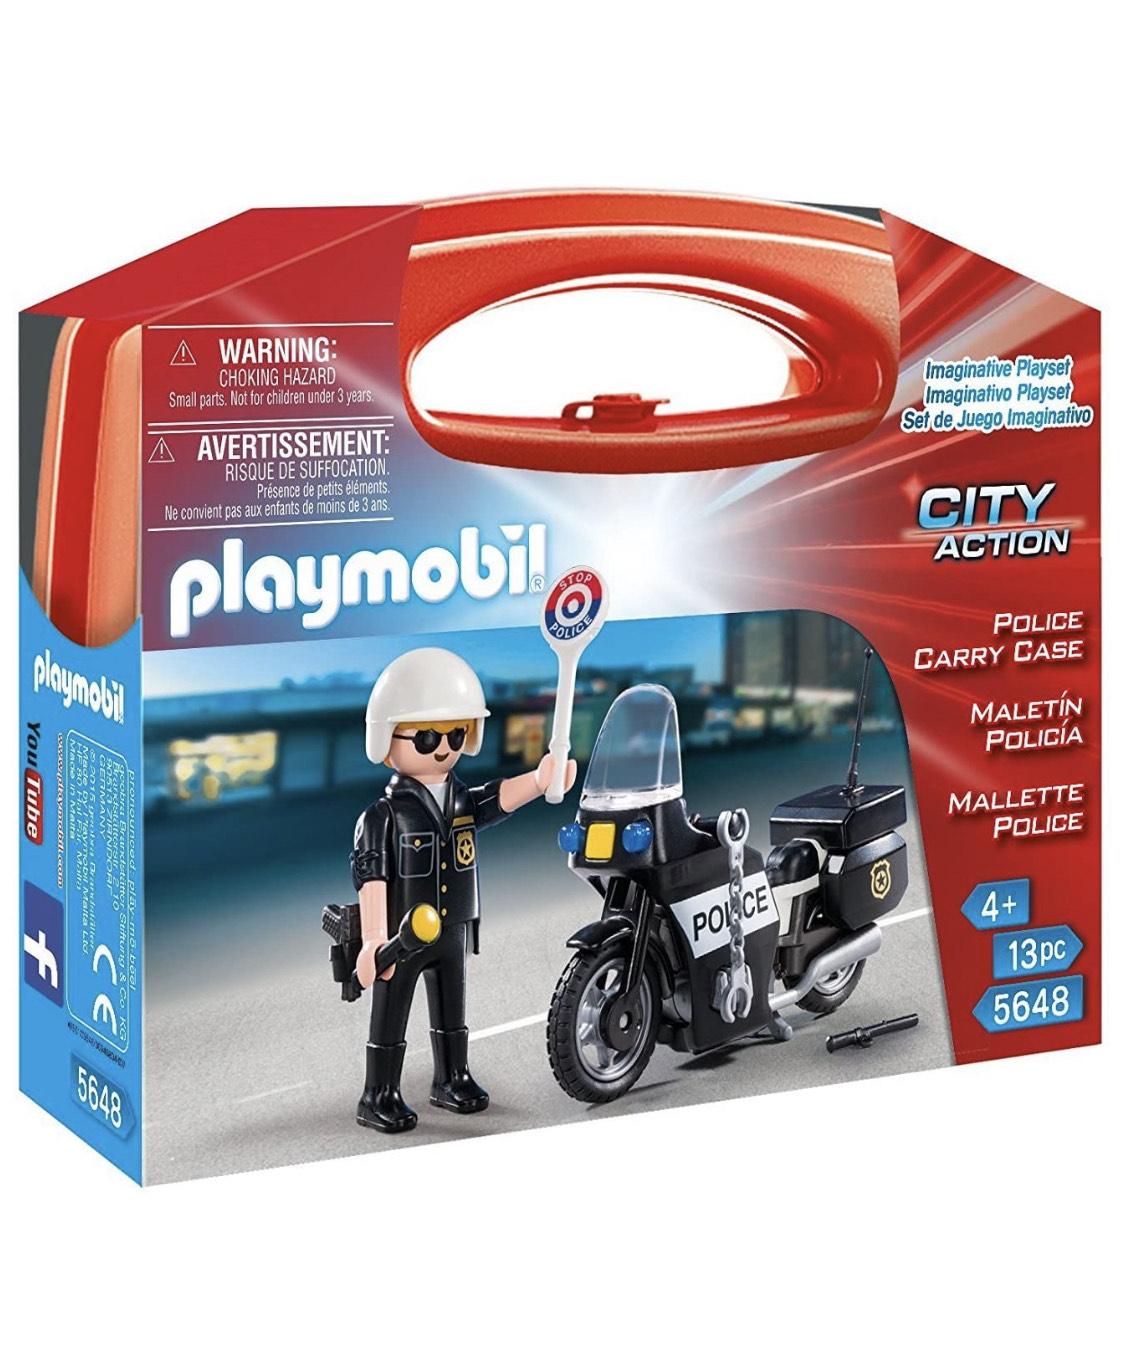 Playmobil policía 5648